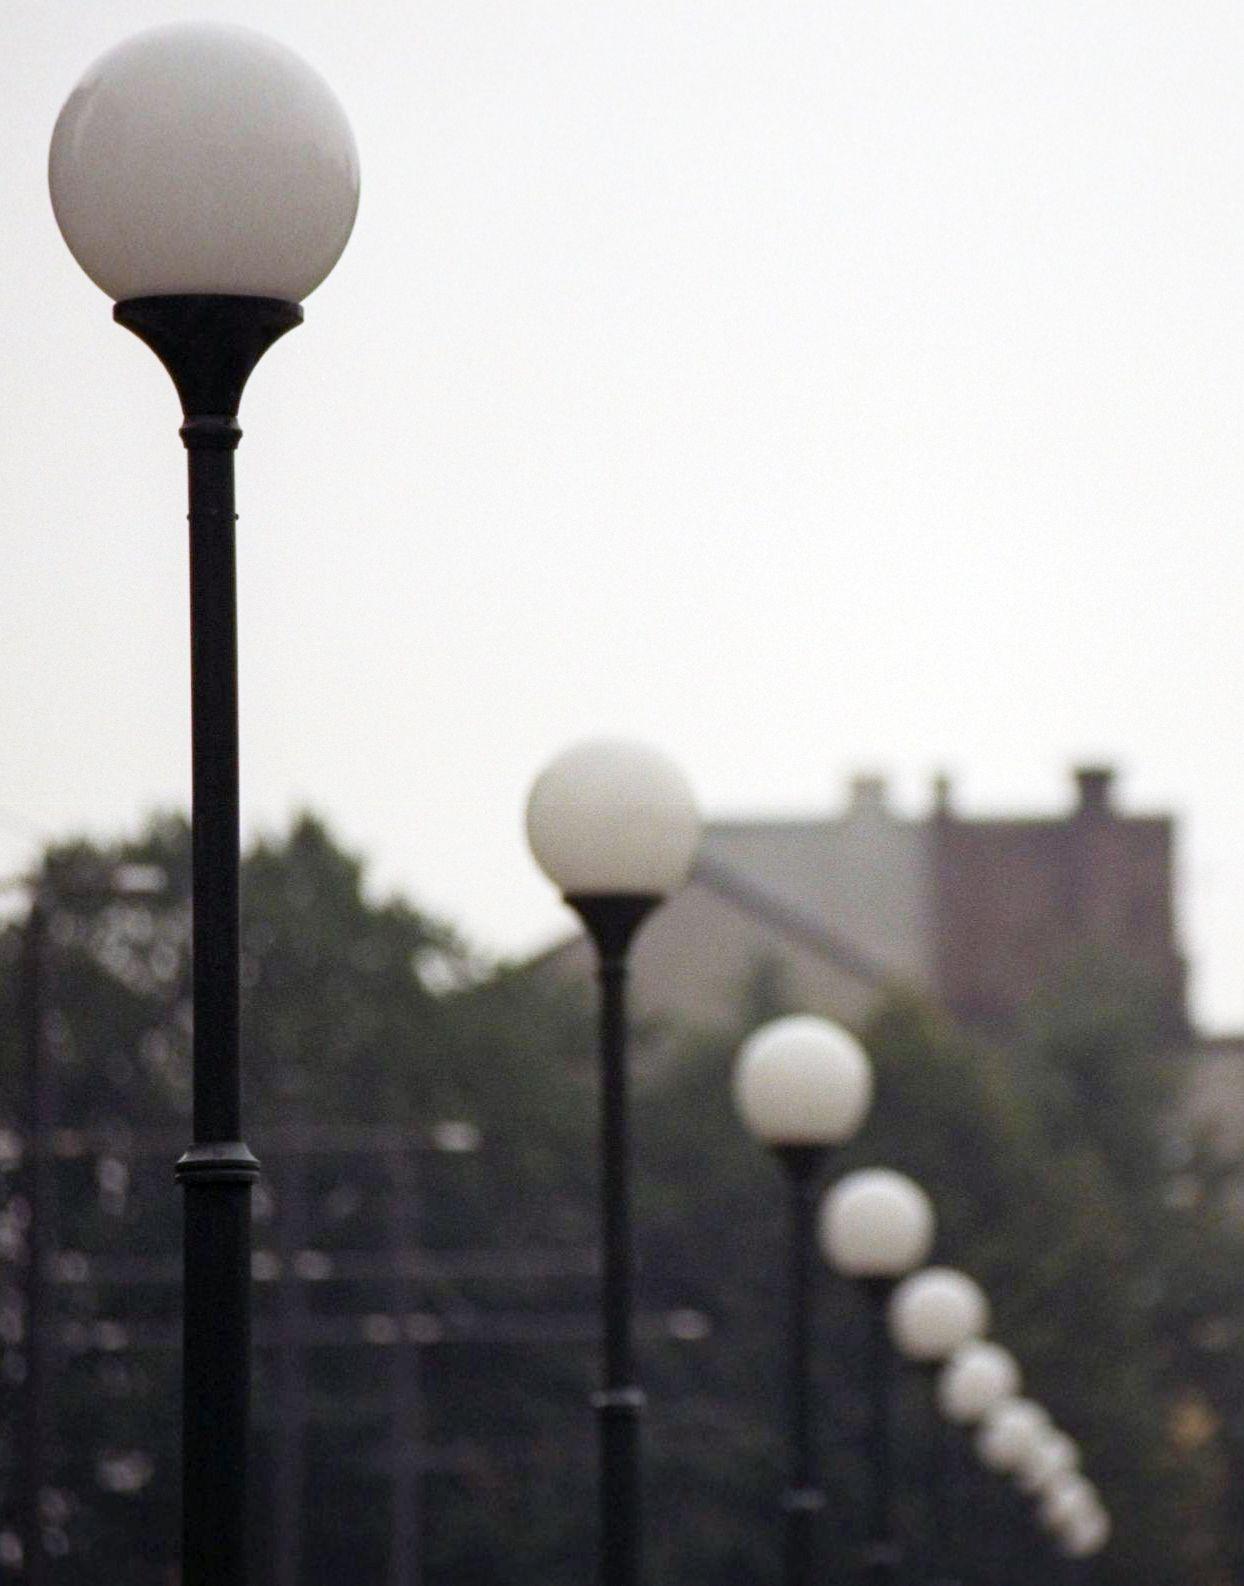 Oslo må skifte lyspærer for 160 millioner